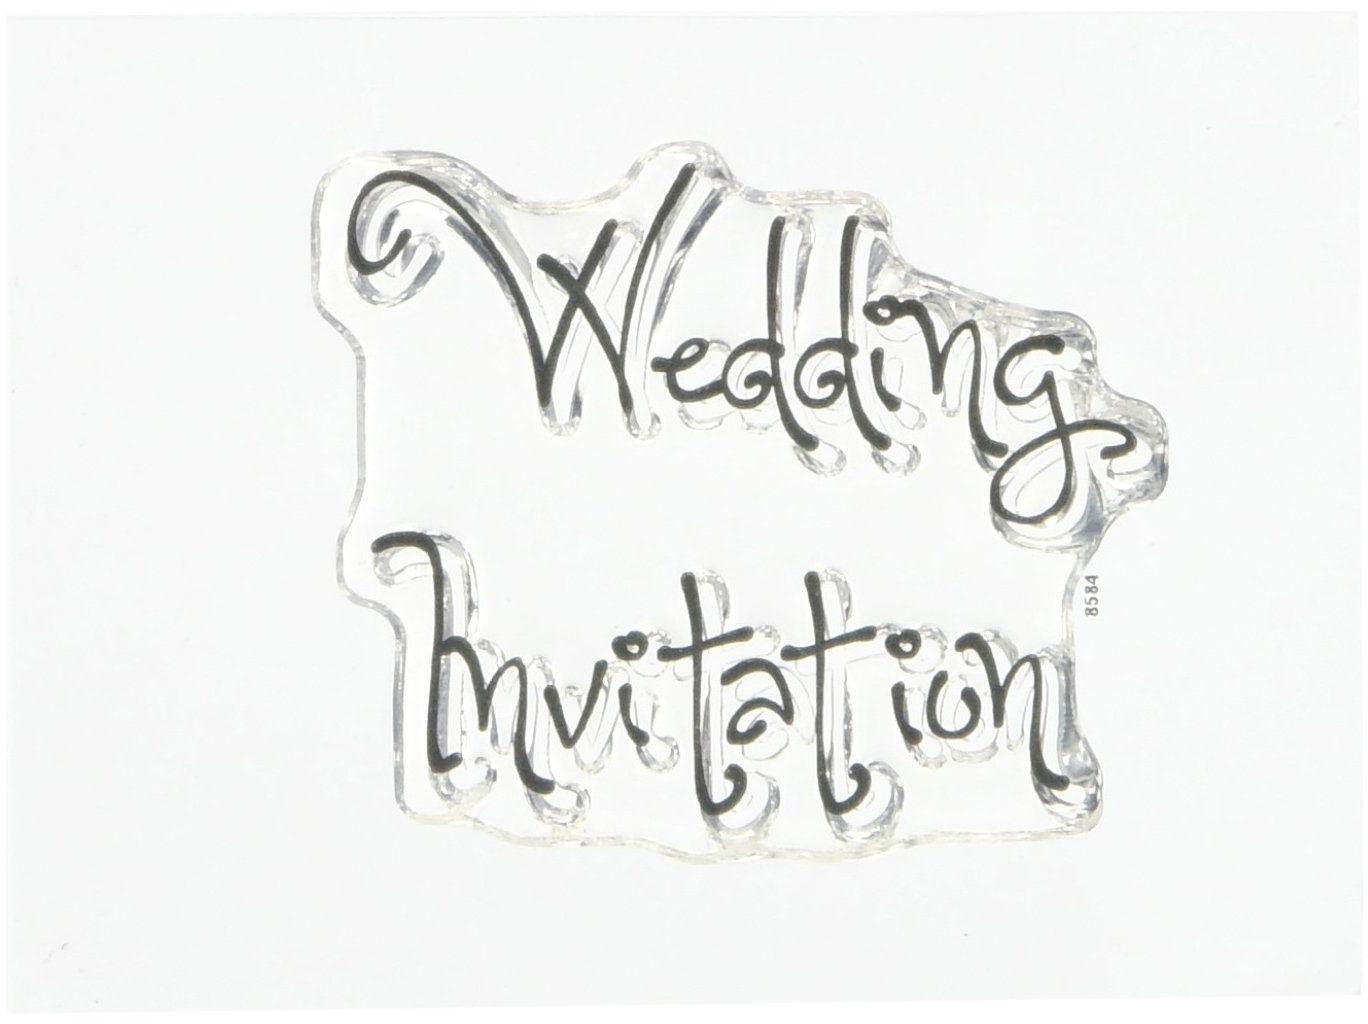 Naczynia do drewna czysta magiczna minis tylko słowa - zaproszenie na ślub, akryl, około 9 x 7 cm